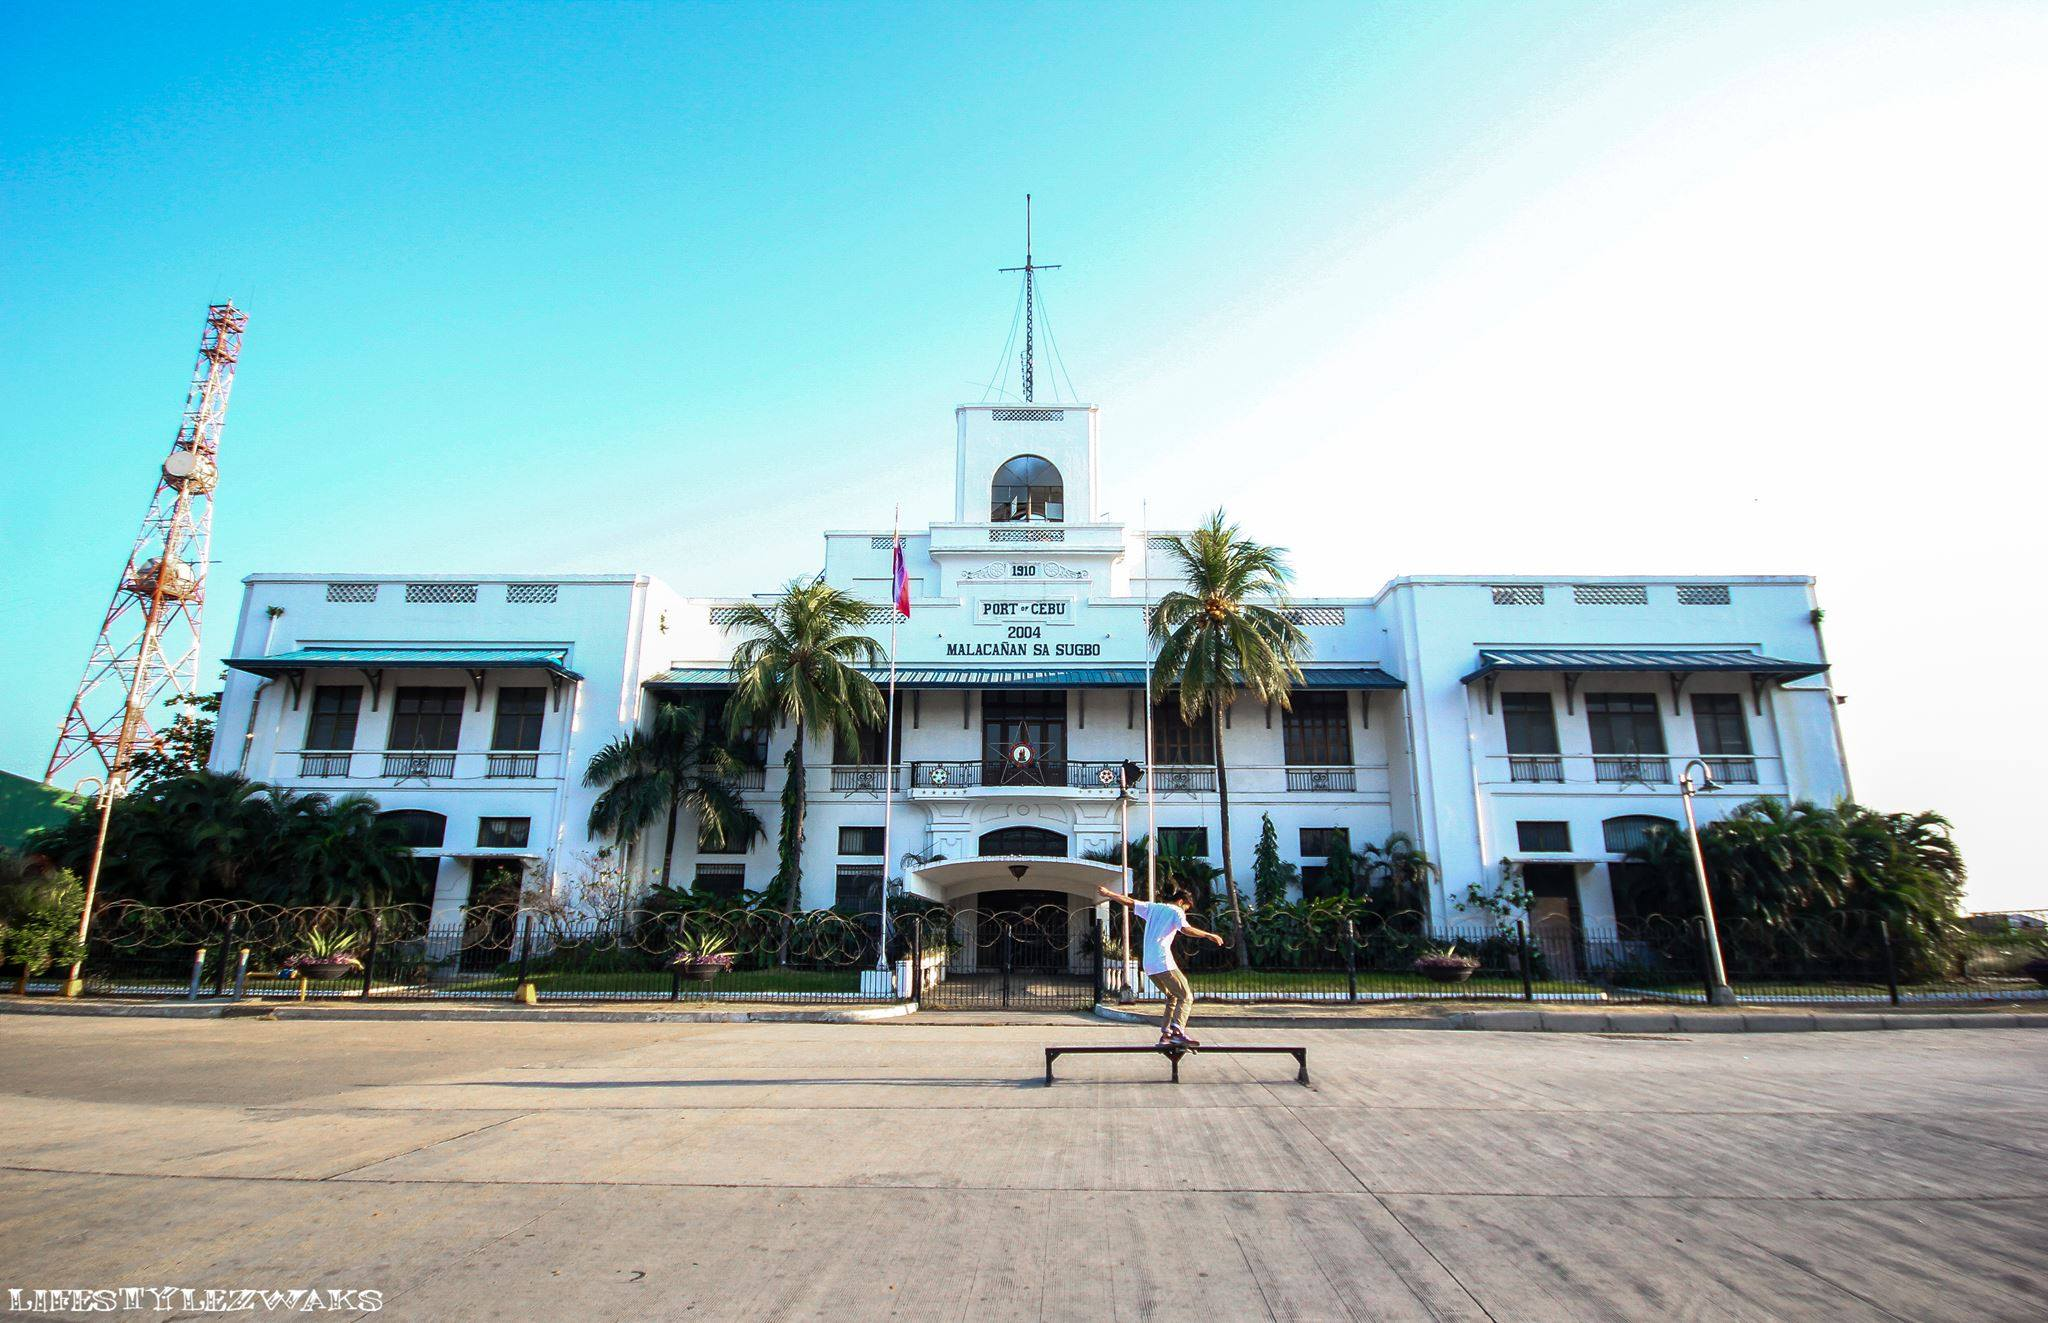 Malacañang sa Sugbo